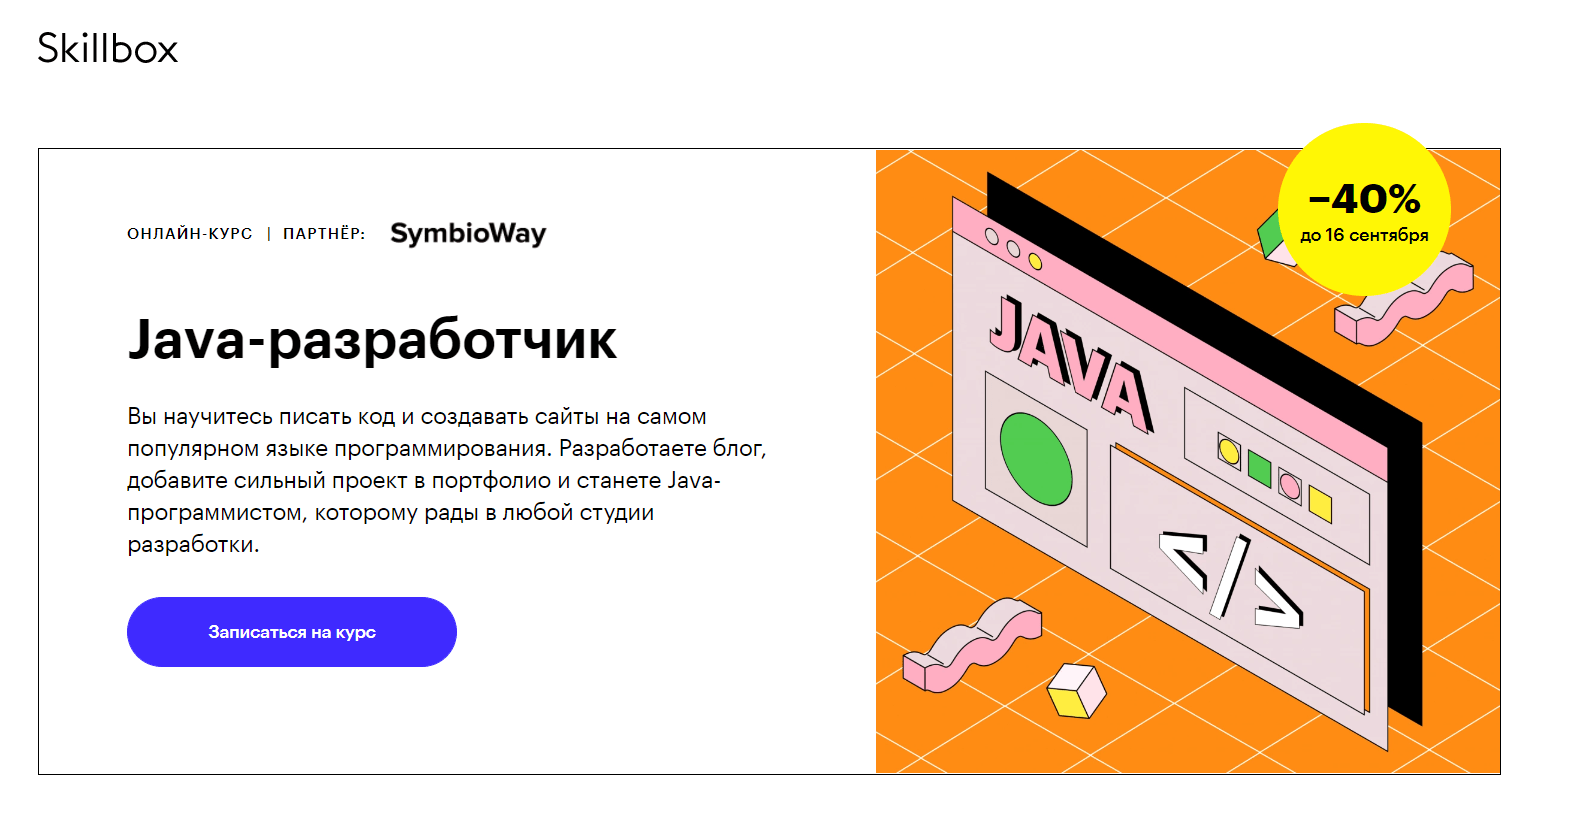 Java-разработчик — курс от Skillbox